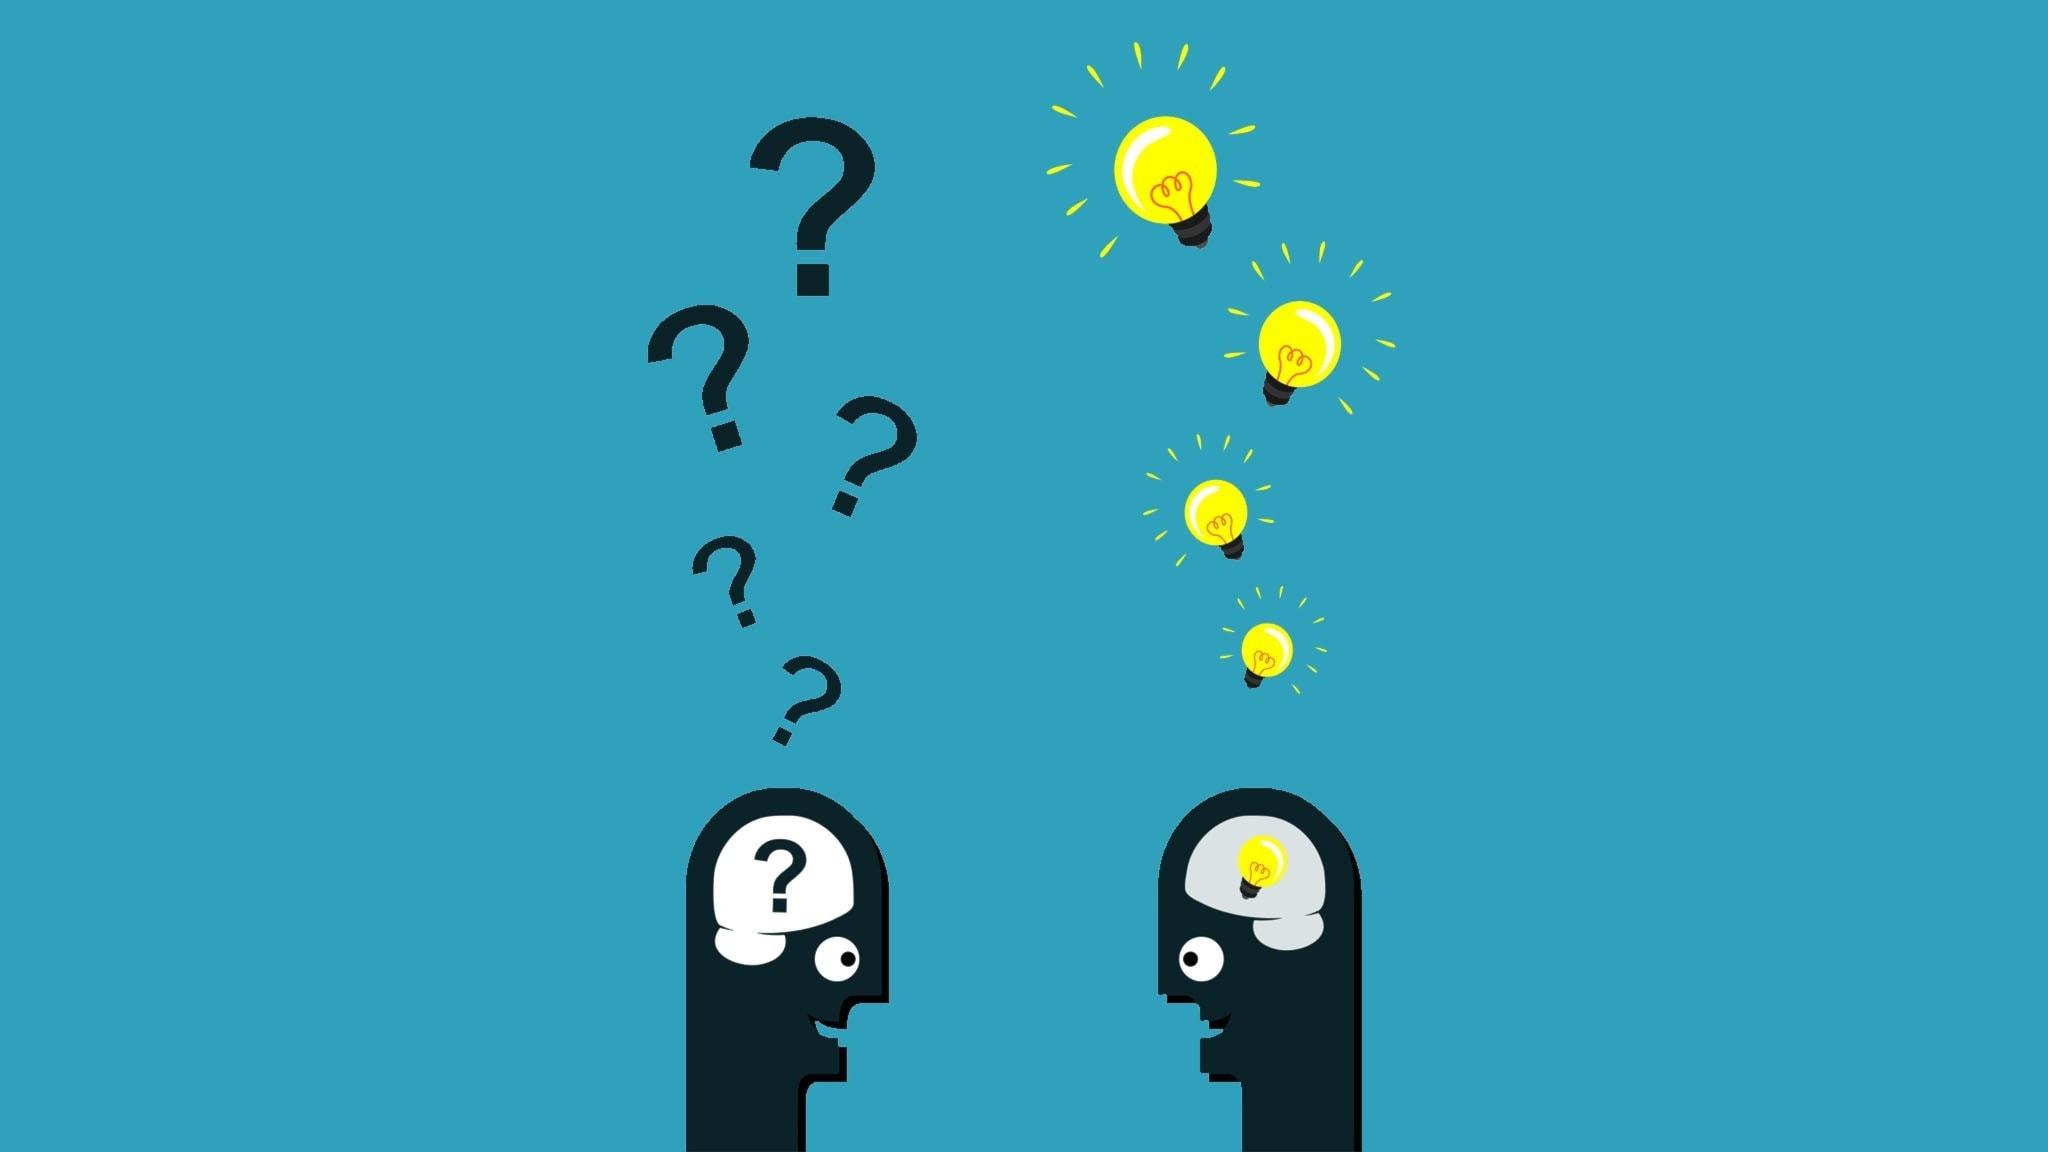 Illustration av två tecknade gubbar, ur den enas huvud kommer frågetecken och ur den andras glödlampor. Grammatik.